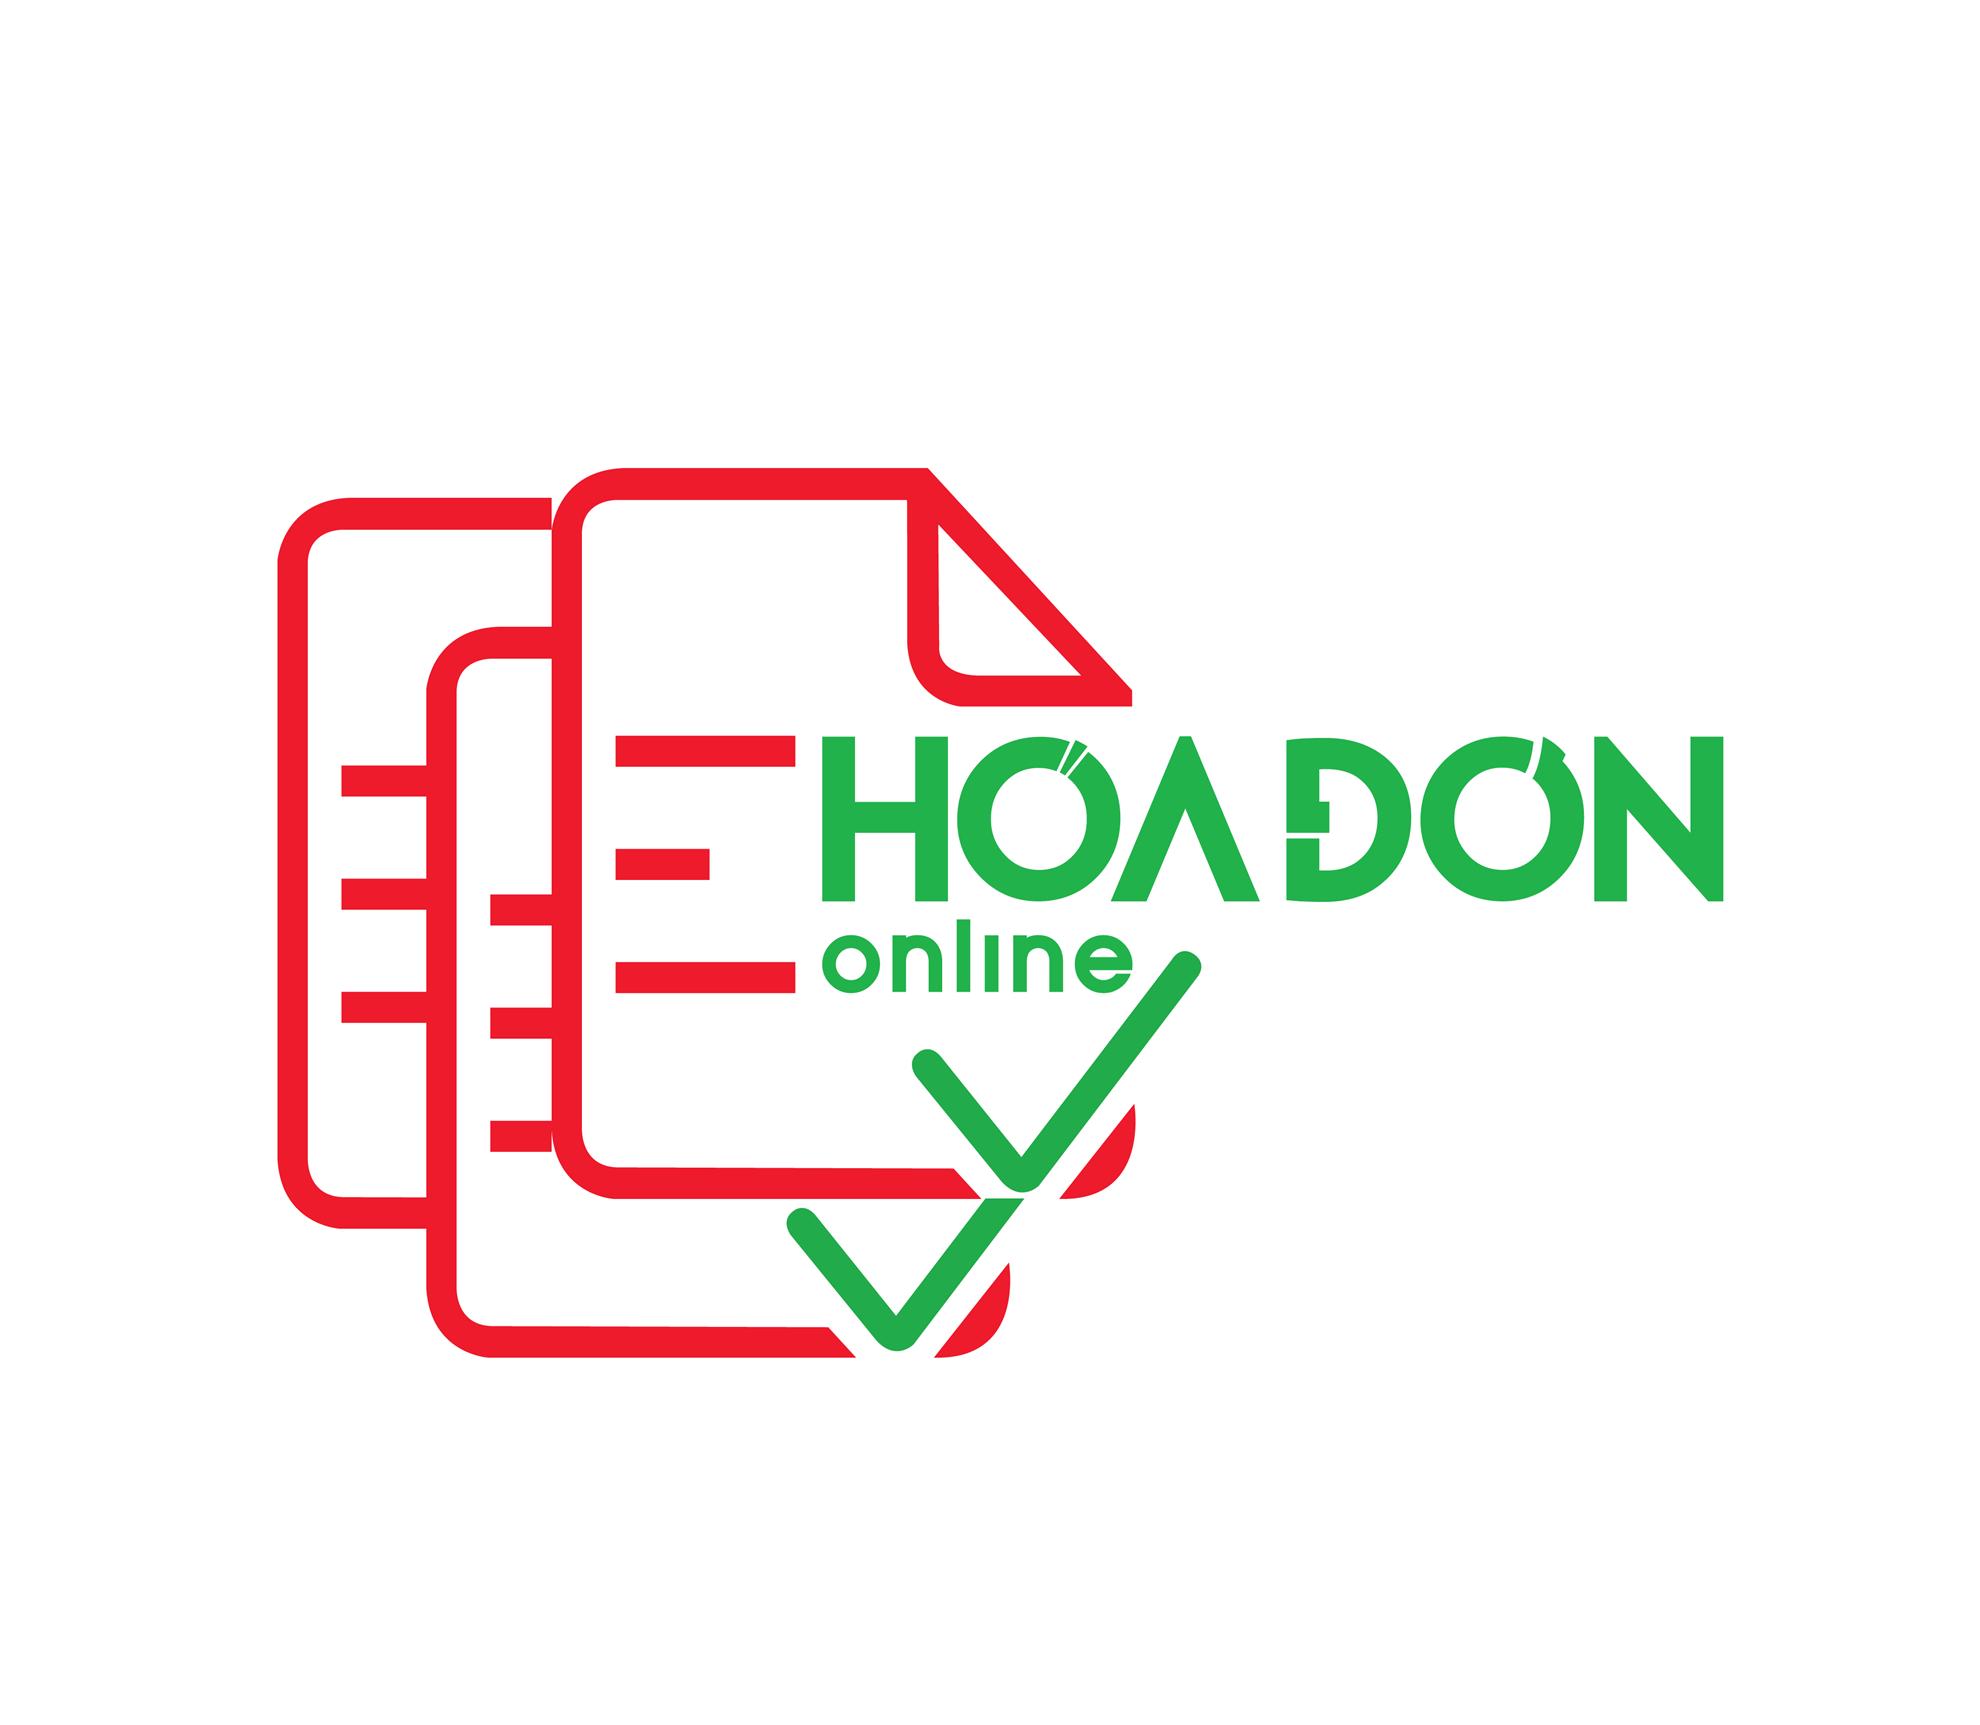 Hóa đơn điện tử Kiên Giang – Hướng dẫn triển khai và tổng hợp về quy định, đăng ký sử dụng mới nhất